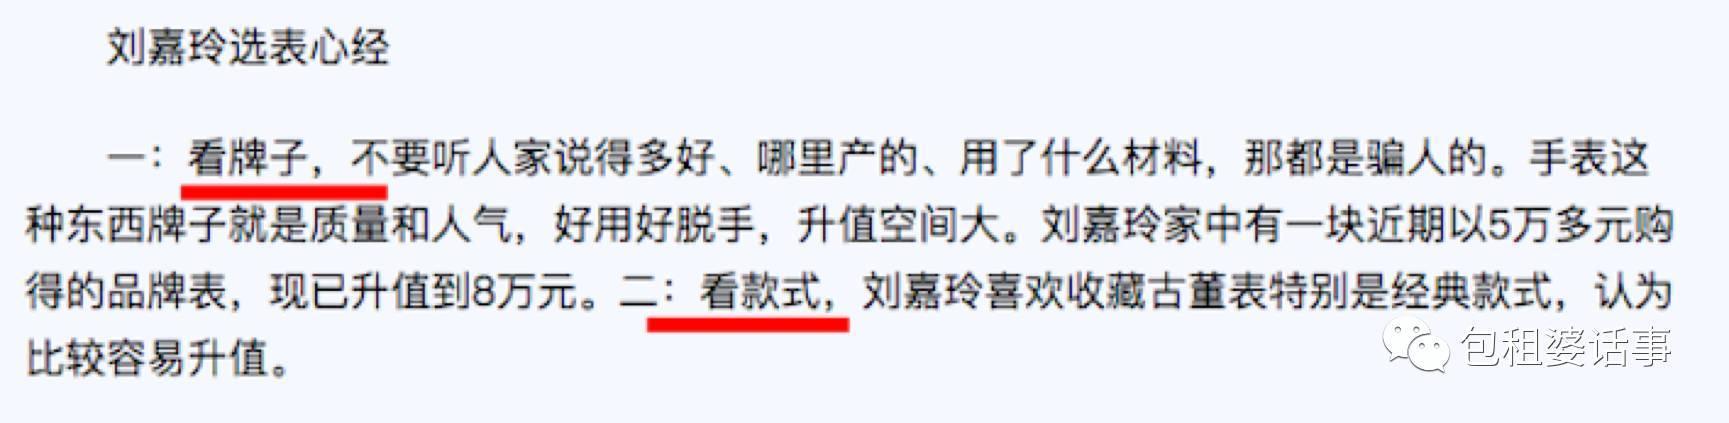 """学者阐释""""新六产"""" 滕州农企产业融合引社会关注"""